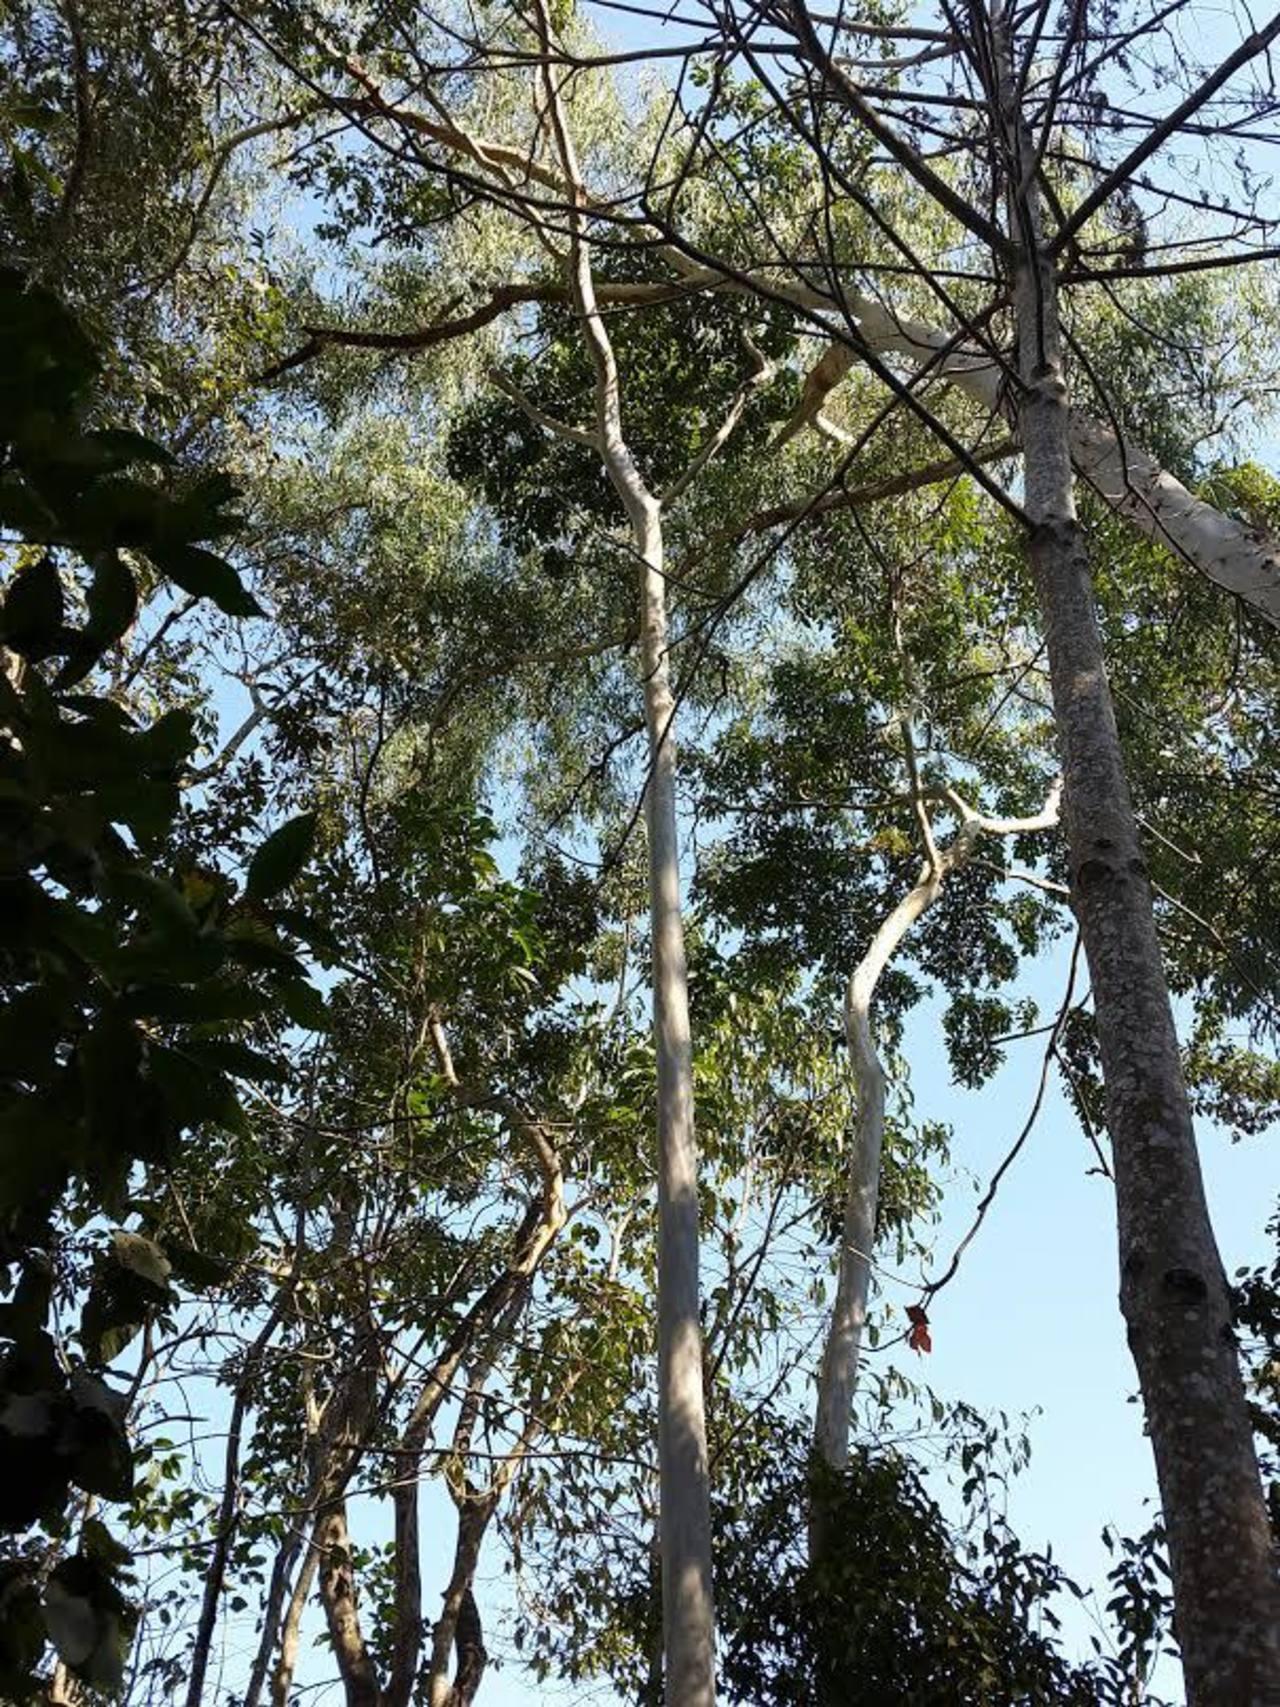 El caimito es óptimo par dar sombra a otros cultivos, además de brindar atractivo follaje y frutos agradables. Existen otras especies que se pueden aprovechar. Foto EDH/ Archivo